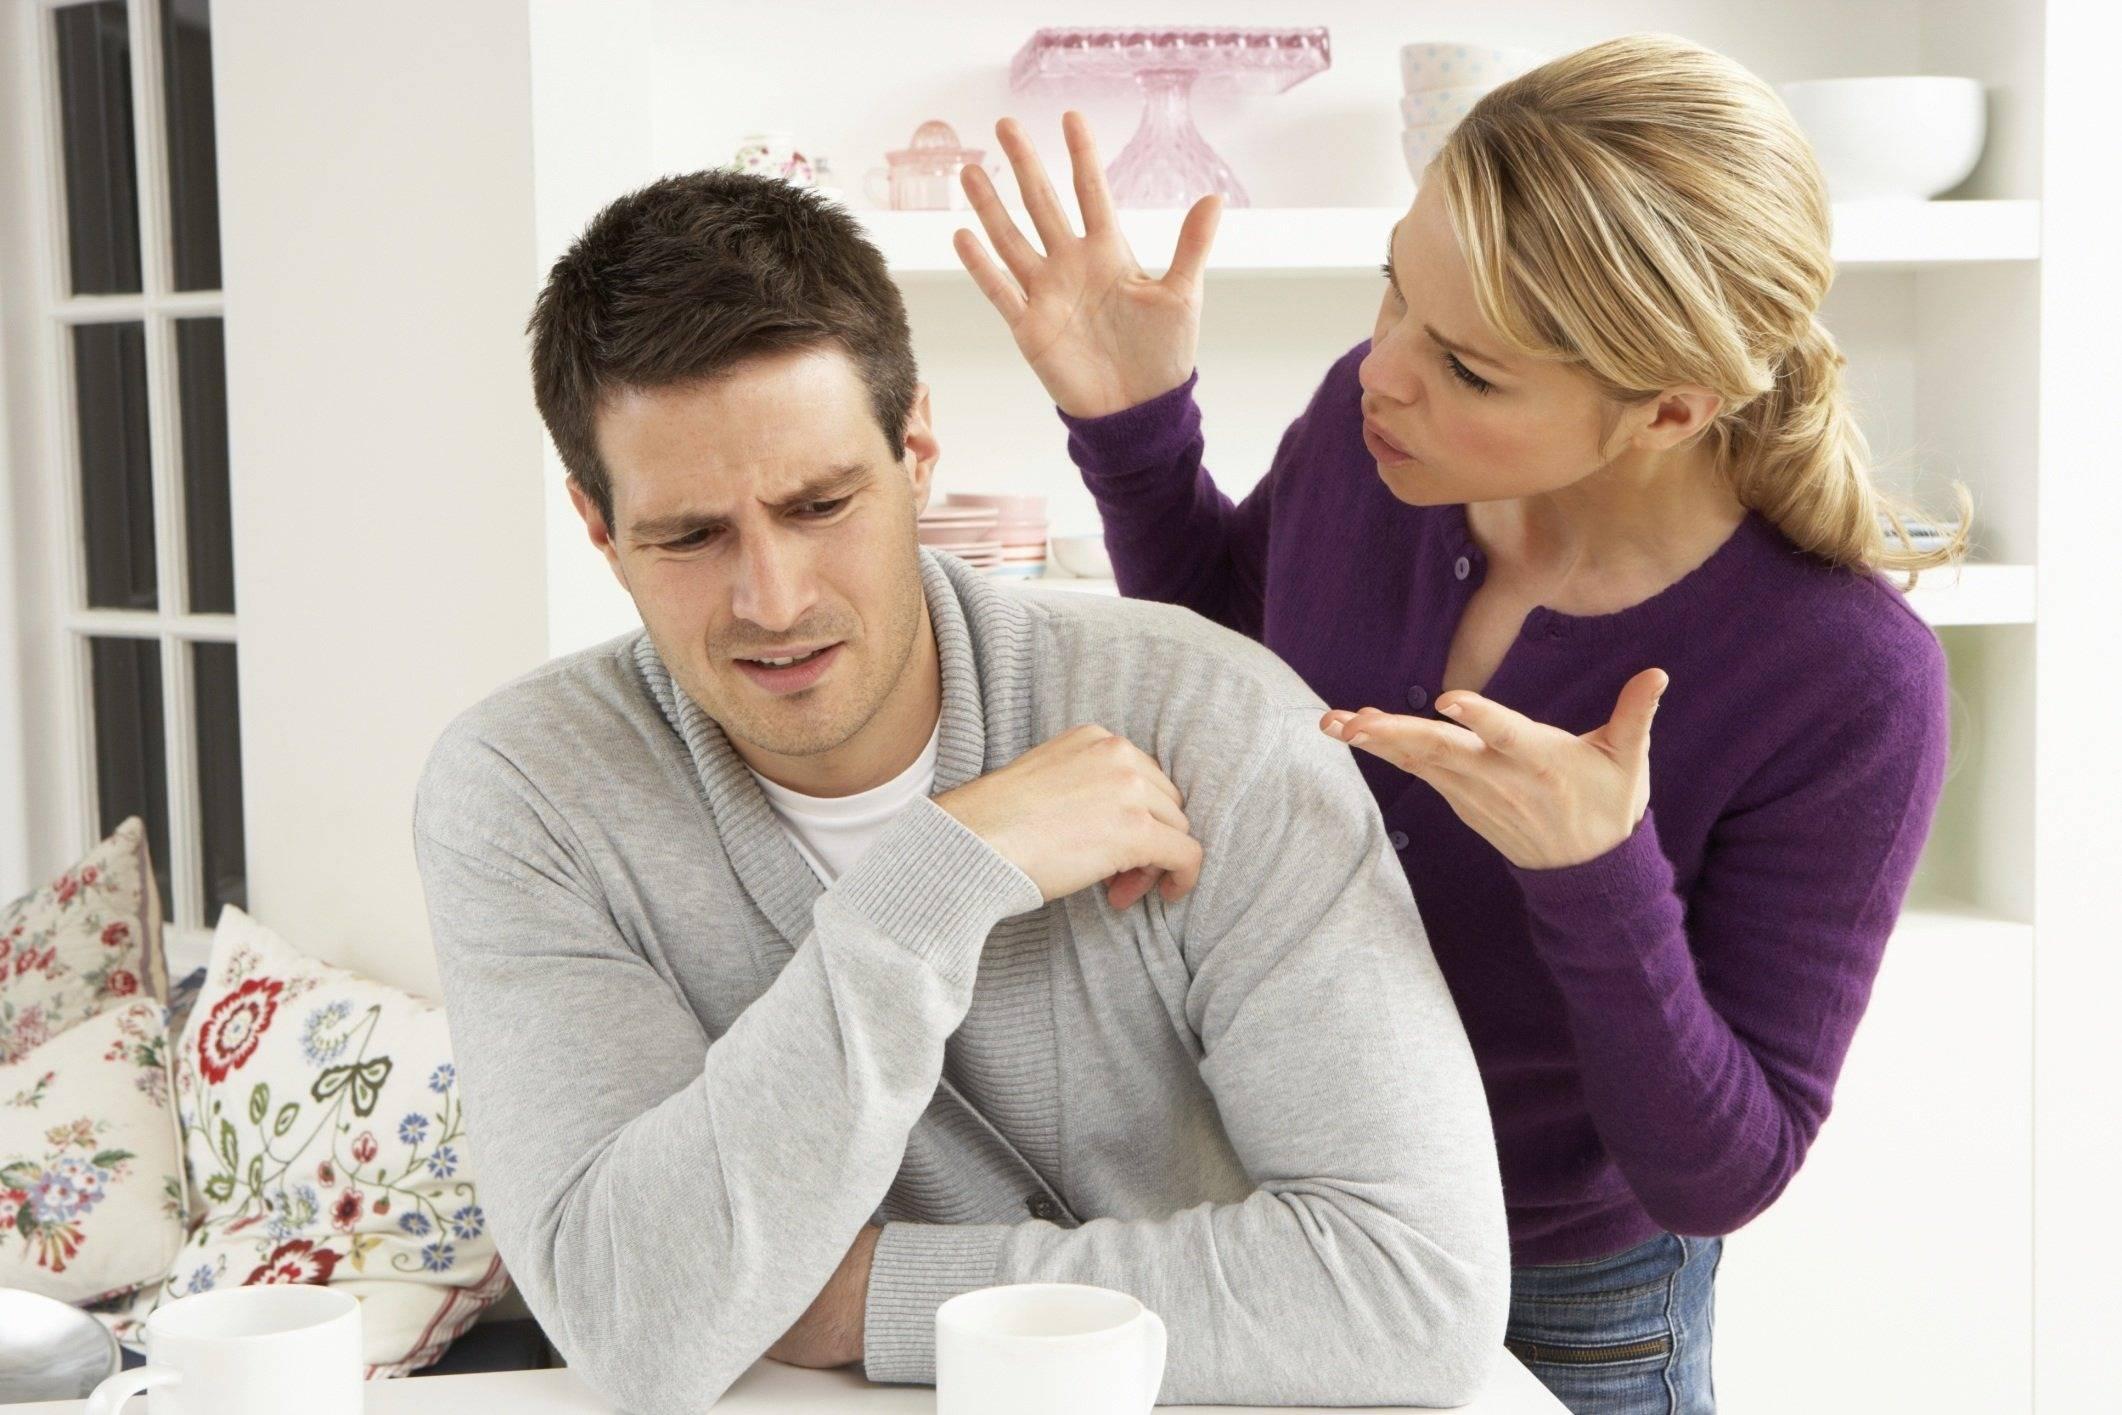 Муж не хочет детей: боремся за счастье уговорами или меняем мужа?